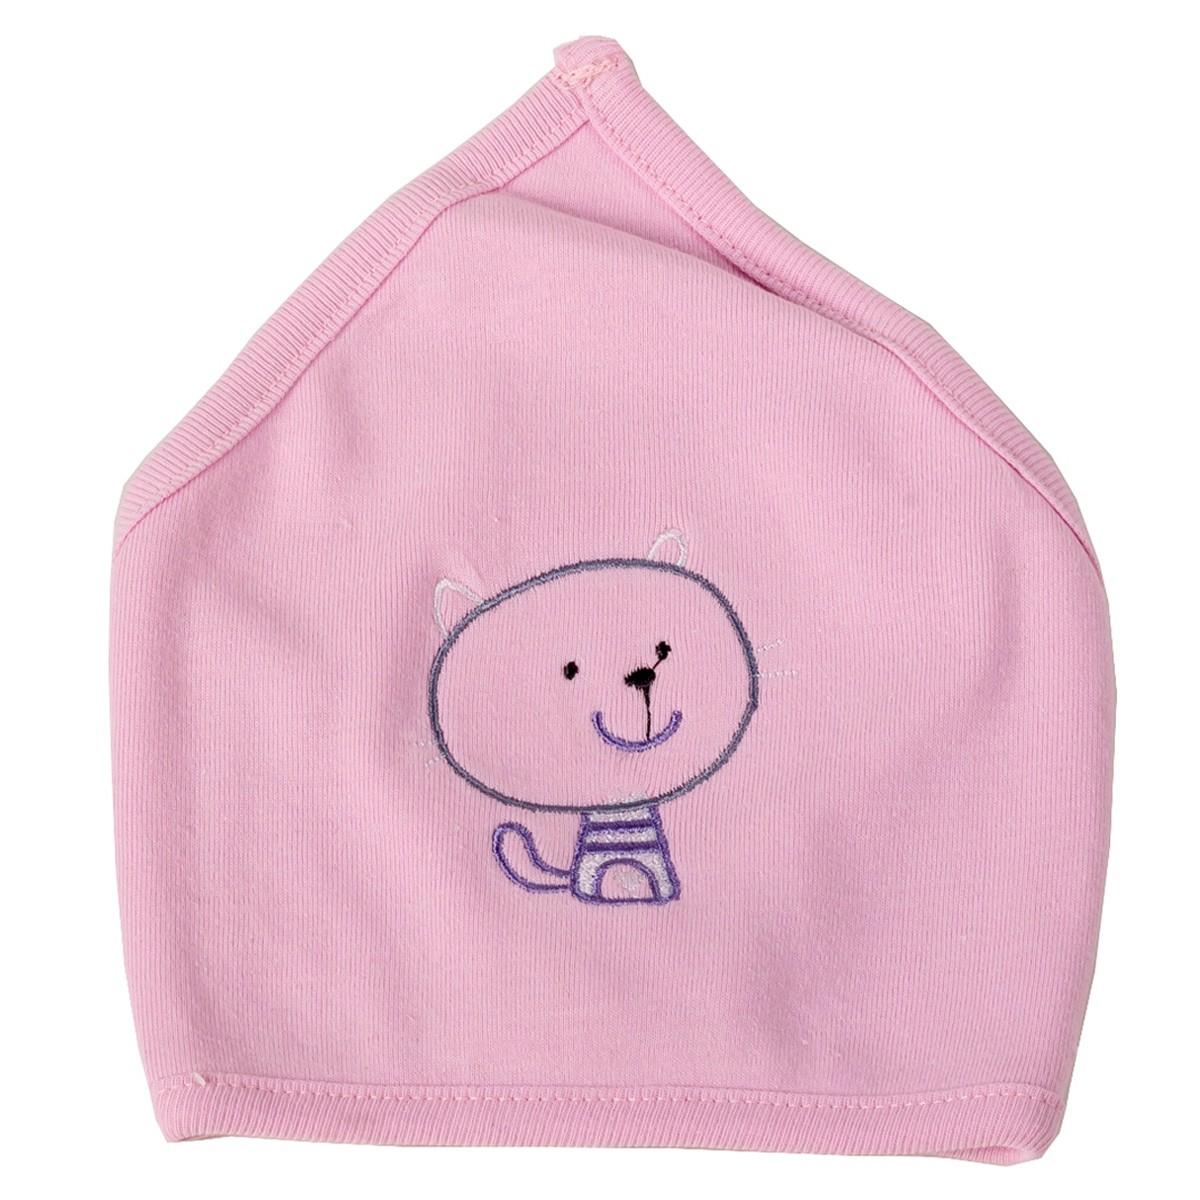 Σαλιάρα-Μπαντάνα Κόσμος Του Μωρού Home 0612 Ροζ 74694